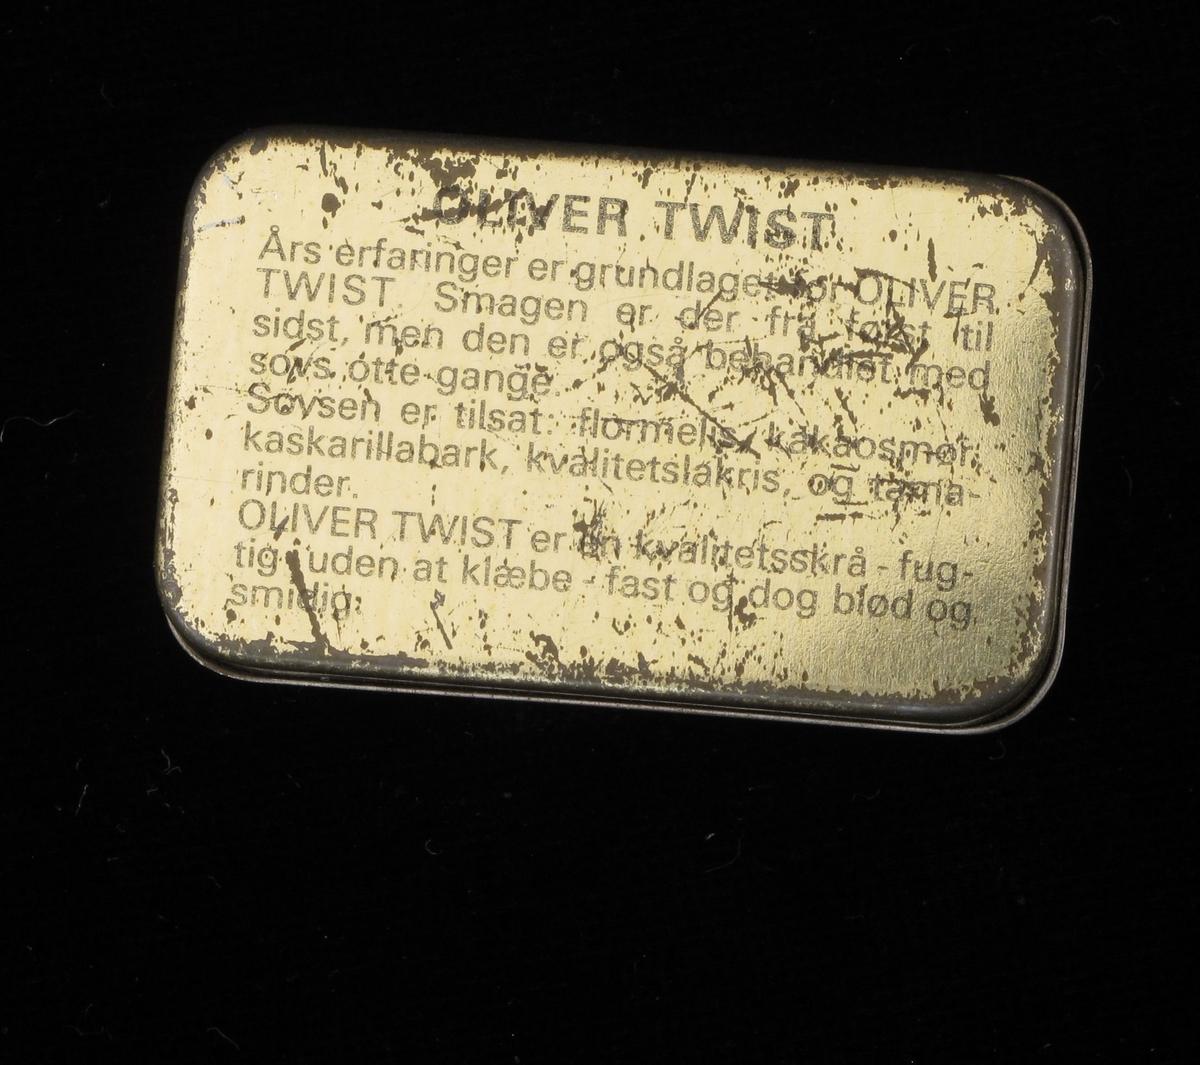 Liten metalleske til skråtobakk. Hvit, med varemerke og tekst på lokket, og tekst under bunnen.